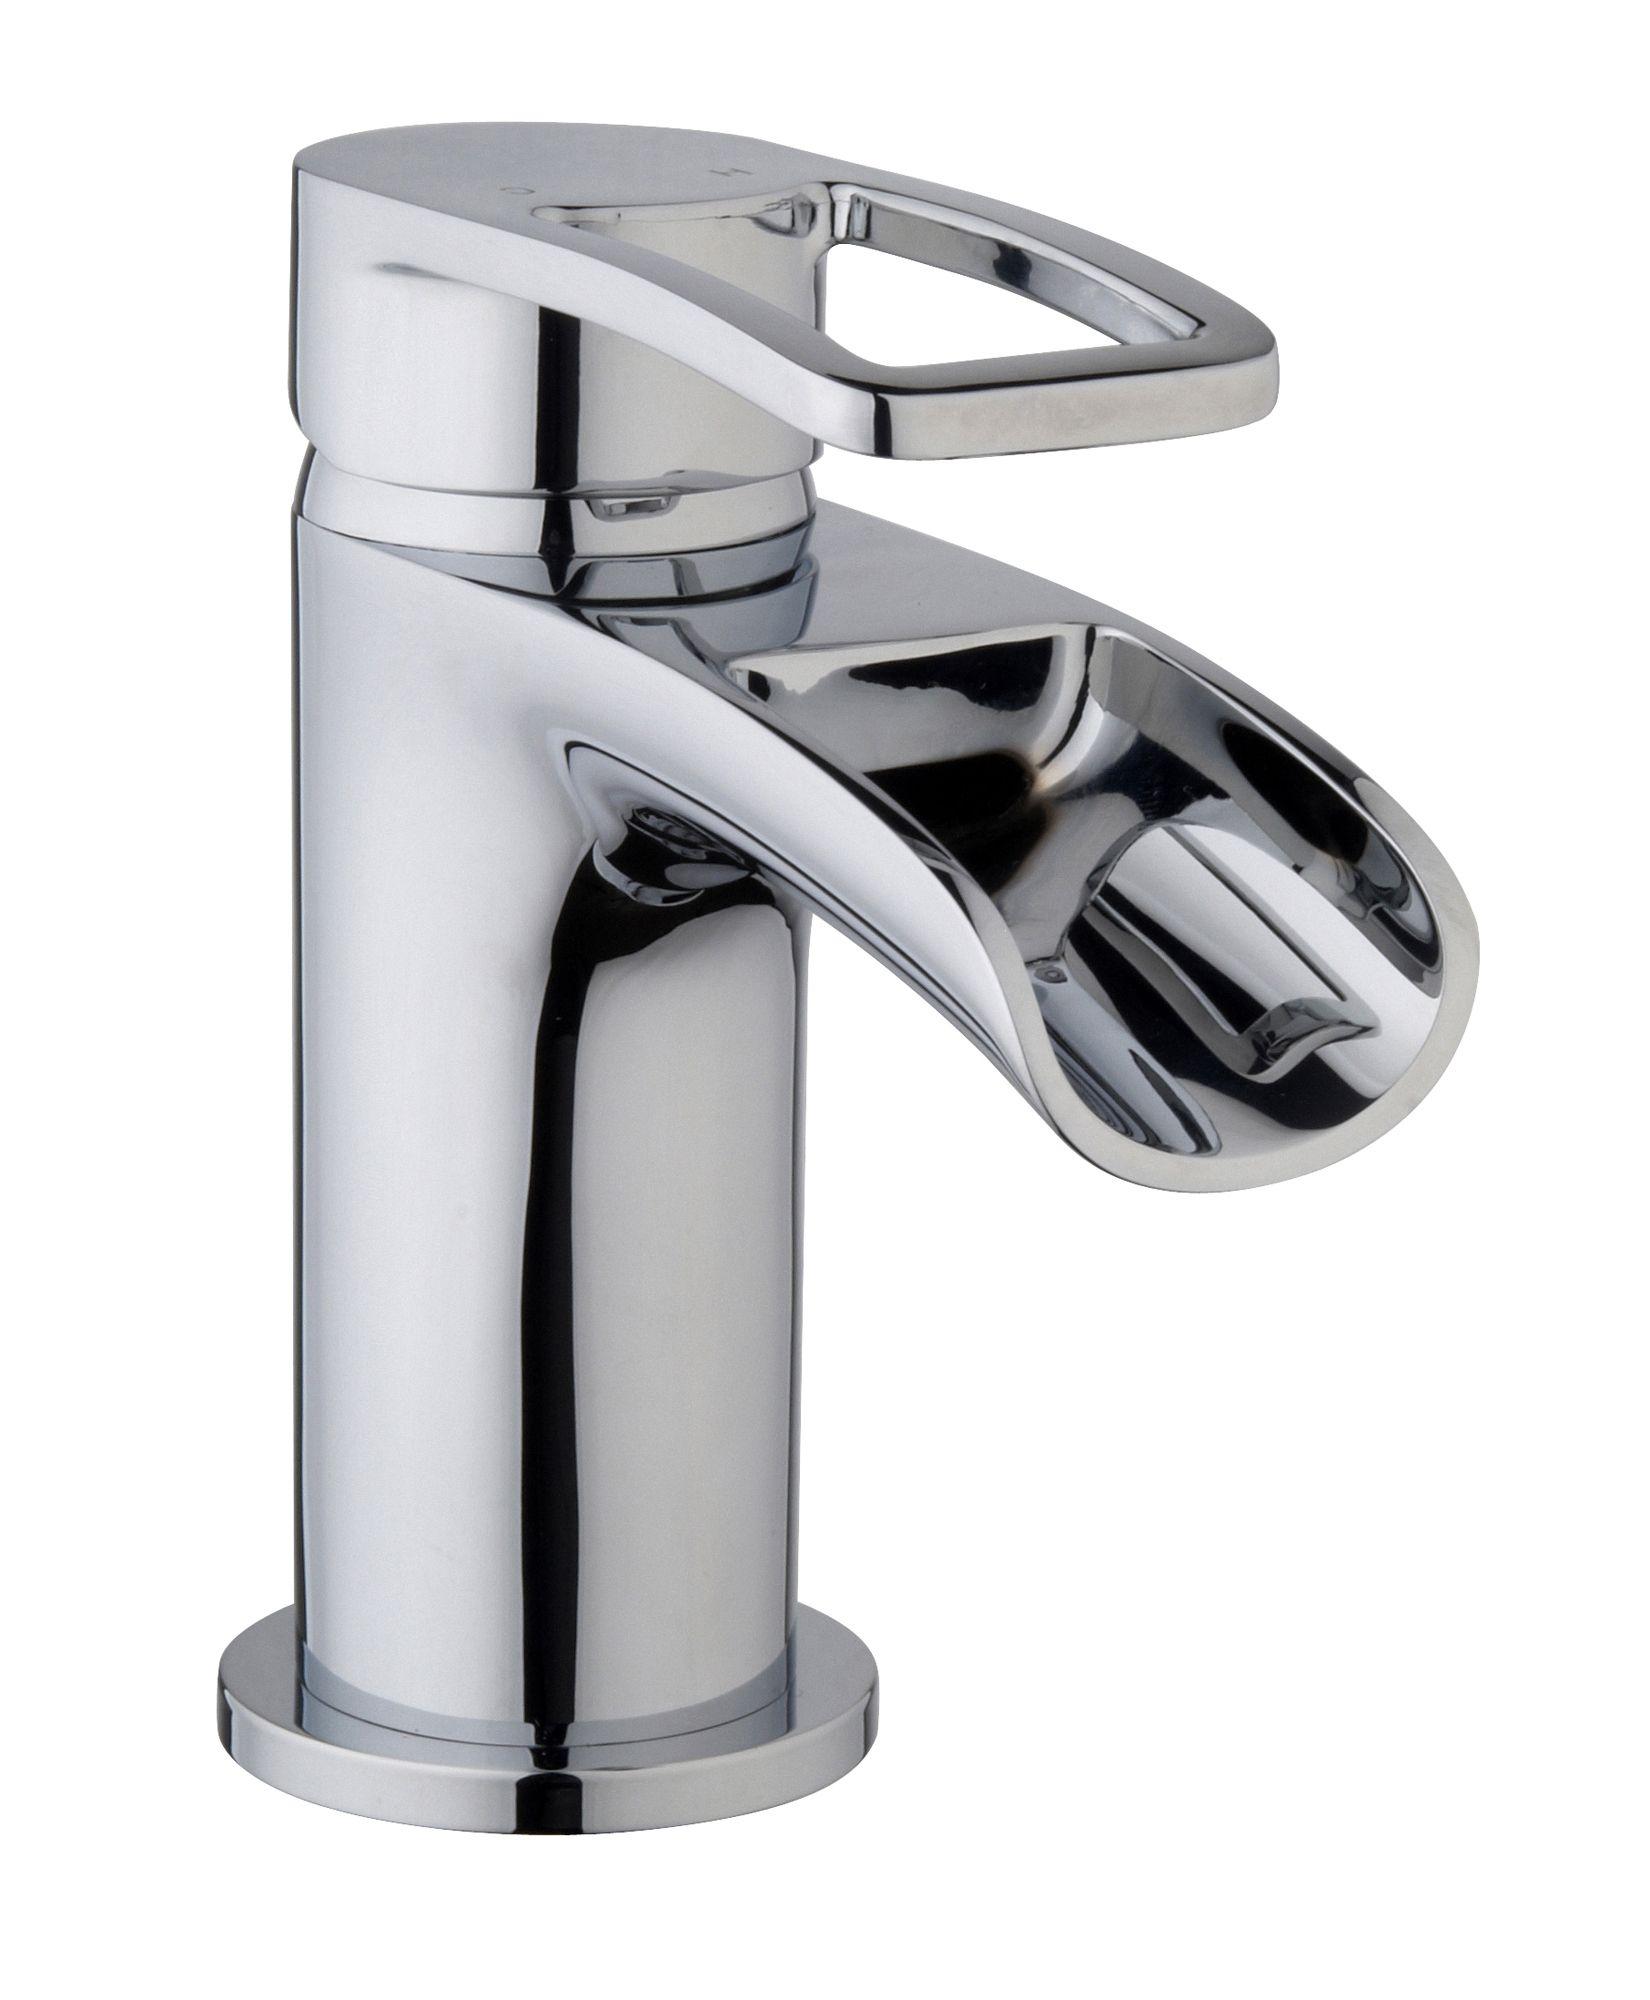 cooke lewis saverne 1 lever basin mixer tap. Black Bedroom Furniture Sets. Home Design Ideas